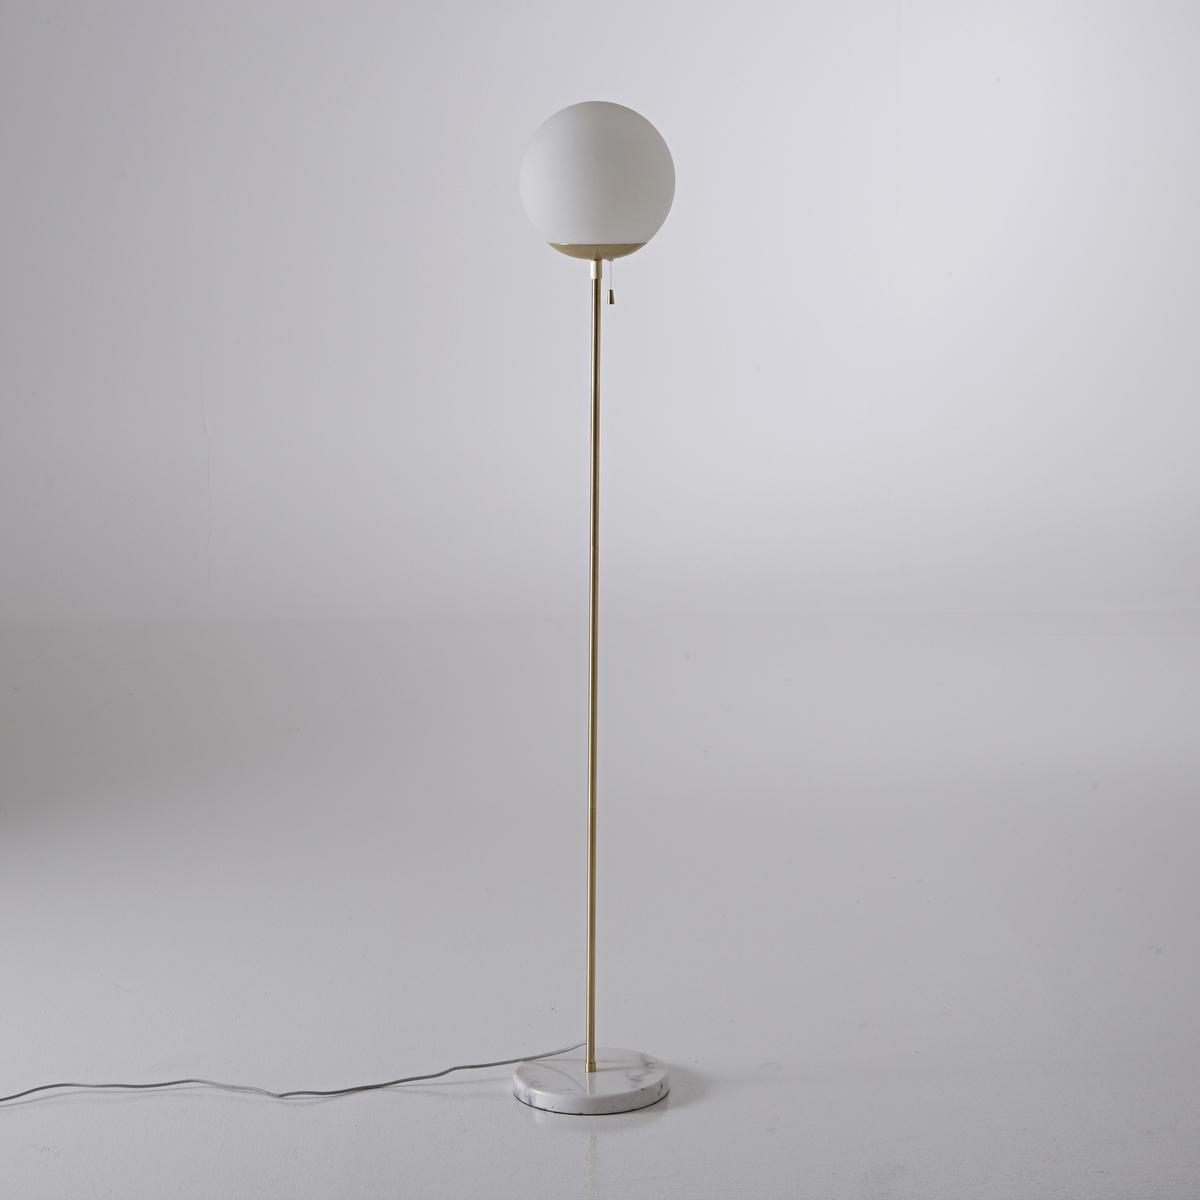 Торшер с подставкой из мрамора, MarbleОснованная в 2013 году Констанцией Дженнари The Socialite Family - это компания, которая привносит новые модные тенденции в интерьер для всей семьи. Описание торшера с мраморной подставкой Marble:Патрон E27 для лампочки макс. 40W (не входит в комплект)Электрический кабель, покрытый белой и черной тканью, как провод для утюга.Этот светильник совместим с лампочками    энергетического класса    : A, B, C, D, E.Характеристики торшера Marble:Низ из мрамора.Подставка из металла с отделкой под латунь.Колпак из стекла, матовый опалитВыключатель в виде шнура над патроном Размеры торшера Marble:Основание :Длина : 26 смВысота : 162 смГлубина : 26 смАбажур:Диаметр : 26 смThe Socialite Family представляет коллекцию мебели и светильников для элегантной спальни в ретро стиле .Найдите всю коллекцию TSF на нашем сайтеlaredoute.ru.<br><br>Цвет: латунь